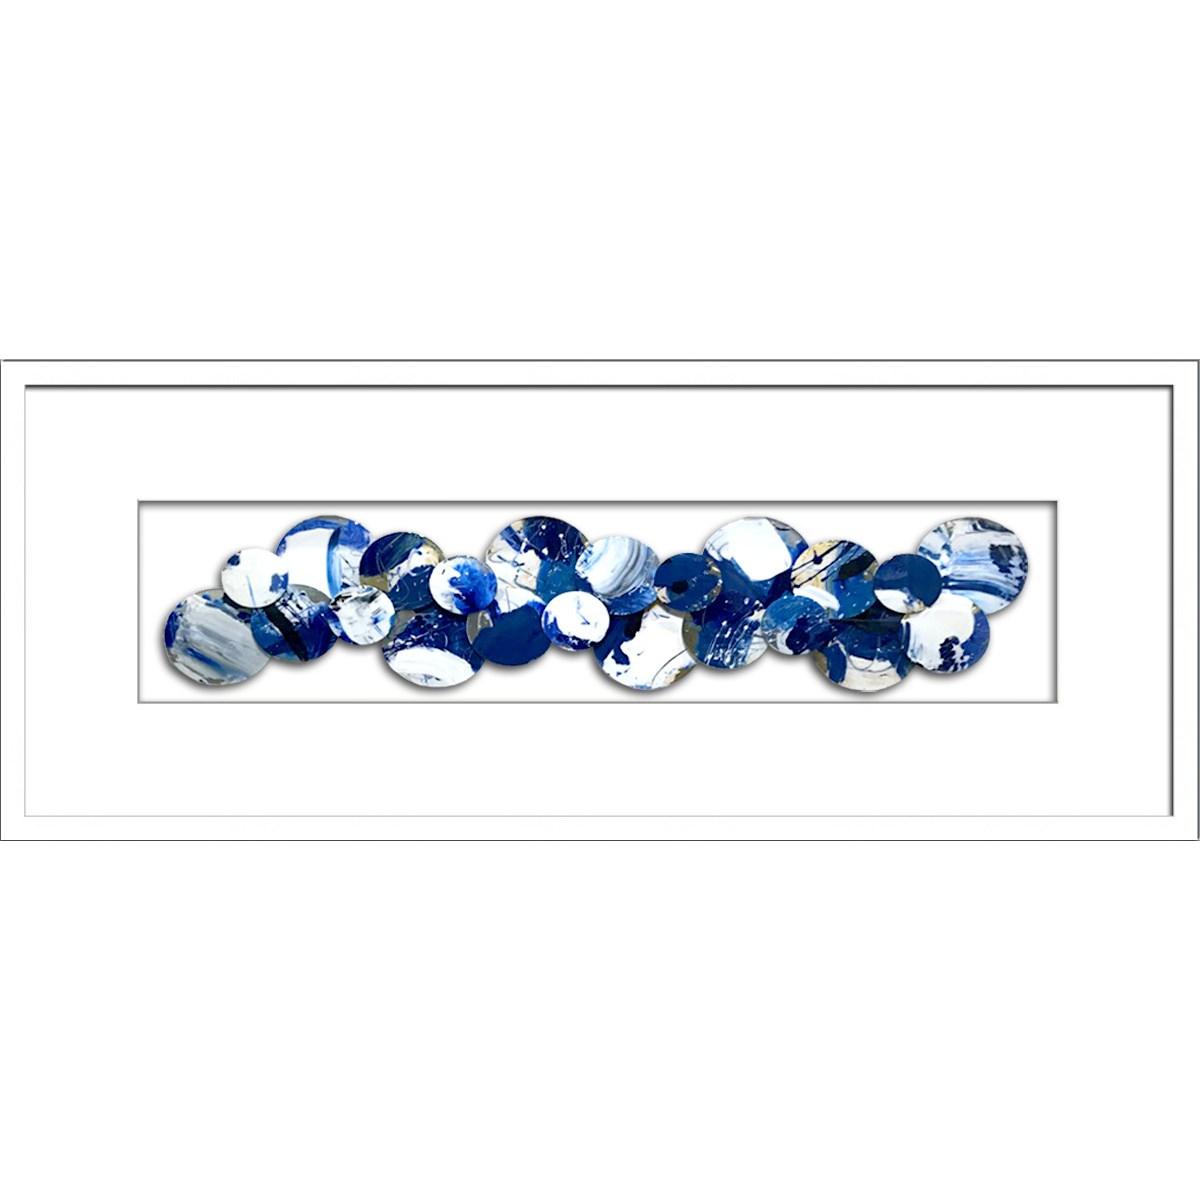 BLUE BAUBLEICIOUS (large)